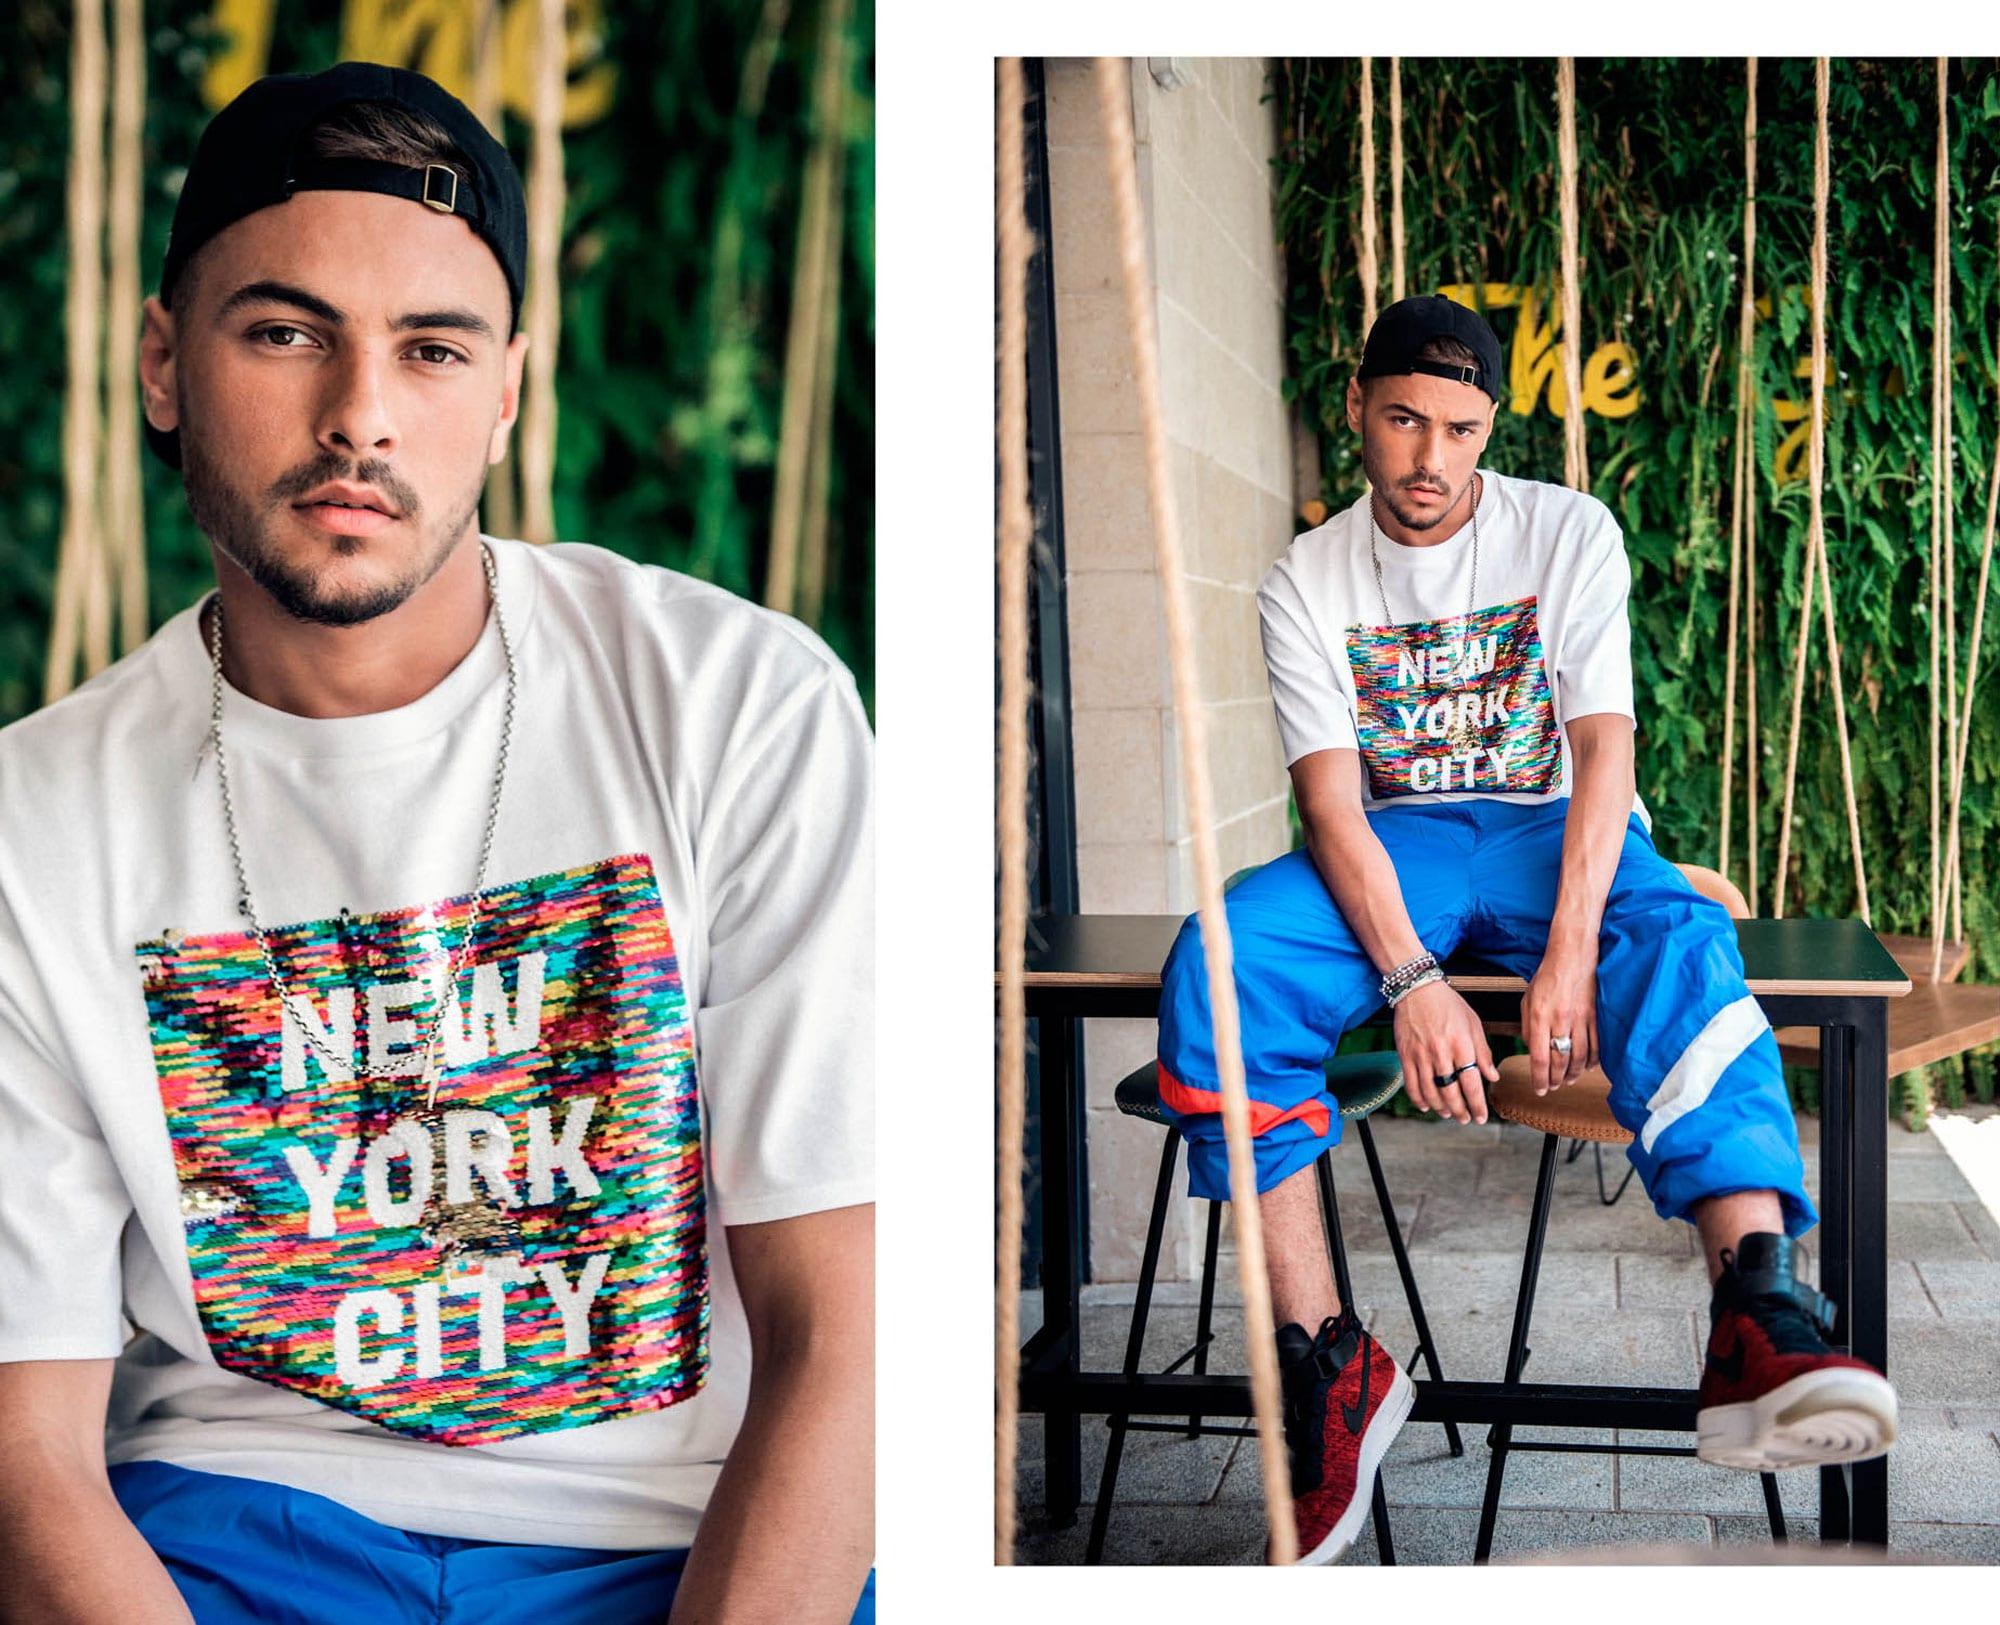 כובע: אדידס, חולצה: H&M מכנסיים: Itay Gonen Vintage Style נעליים: נייקי, שרשרת: רנה דדוש. מצולמים: רועי סנדלר, בר סנדלר, צילום: דניס גצקיס, סטיילינג: אורי לשם, איפור: אורנה רימוק, הפקה: אורנה רביצקי ל- Fashion Israel, יח״צ: גלית קאשי1